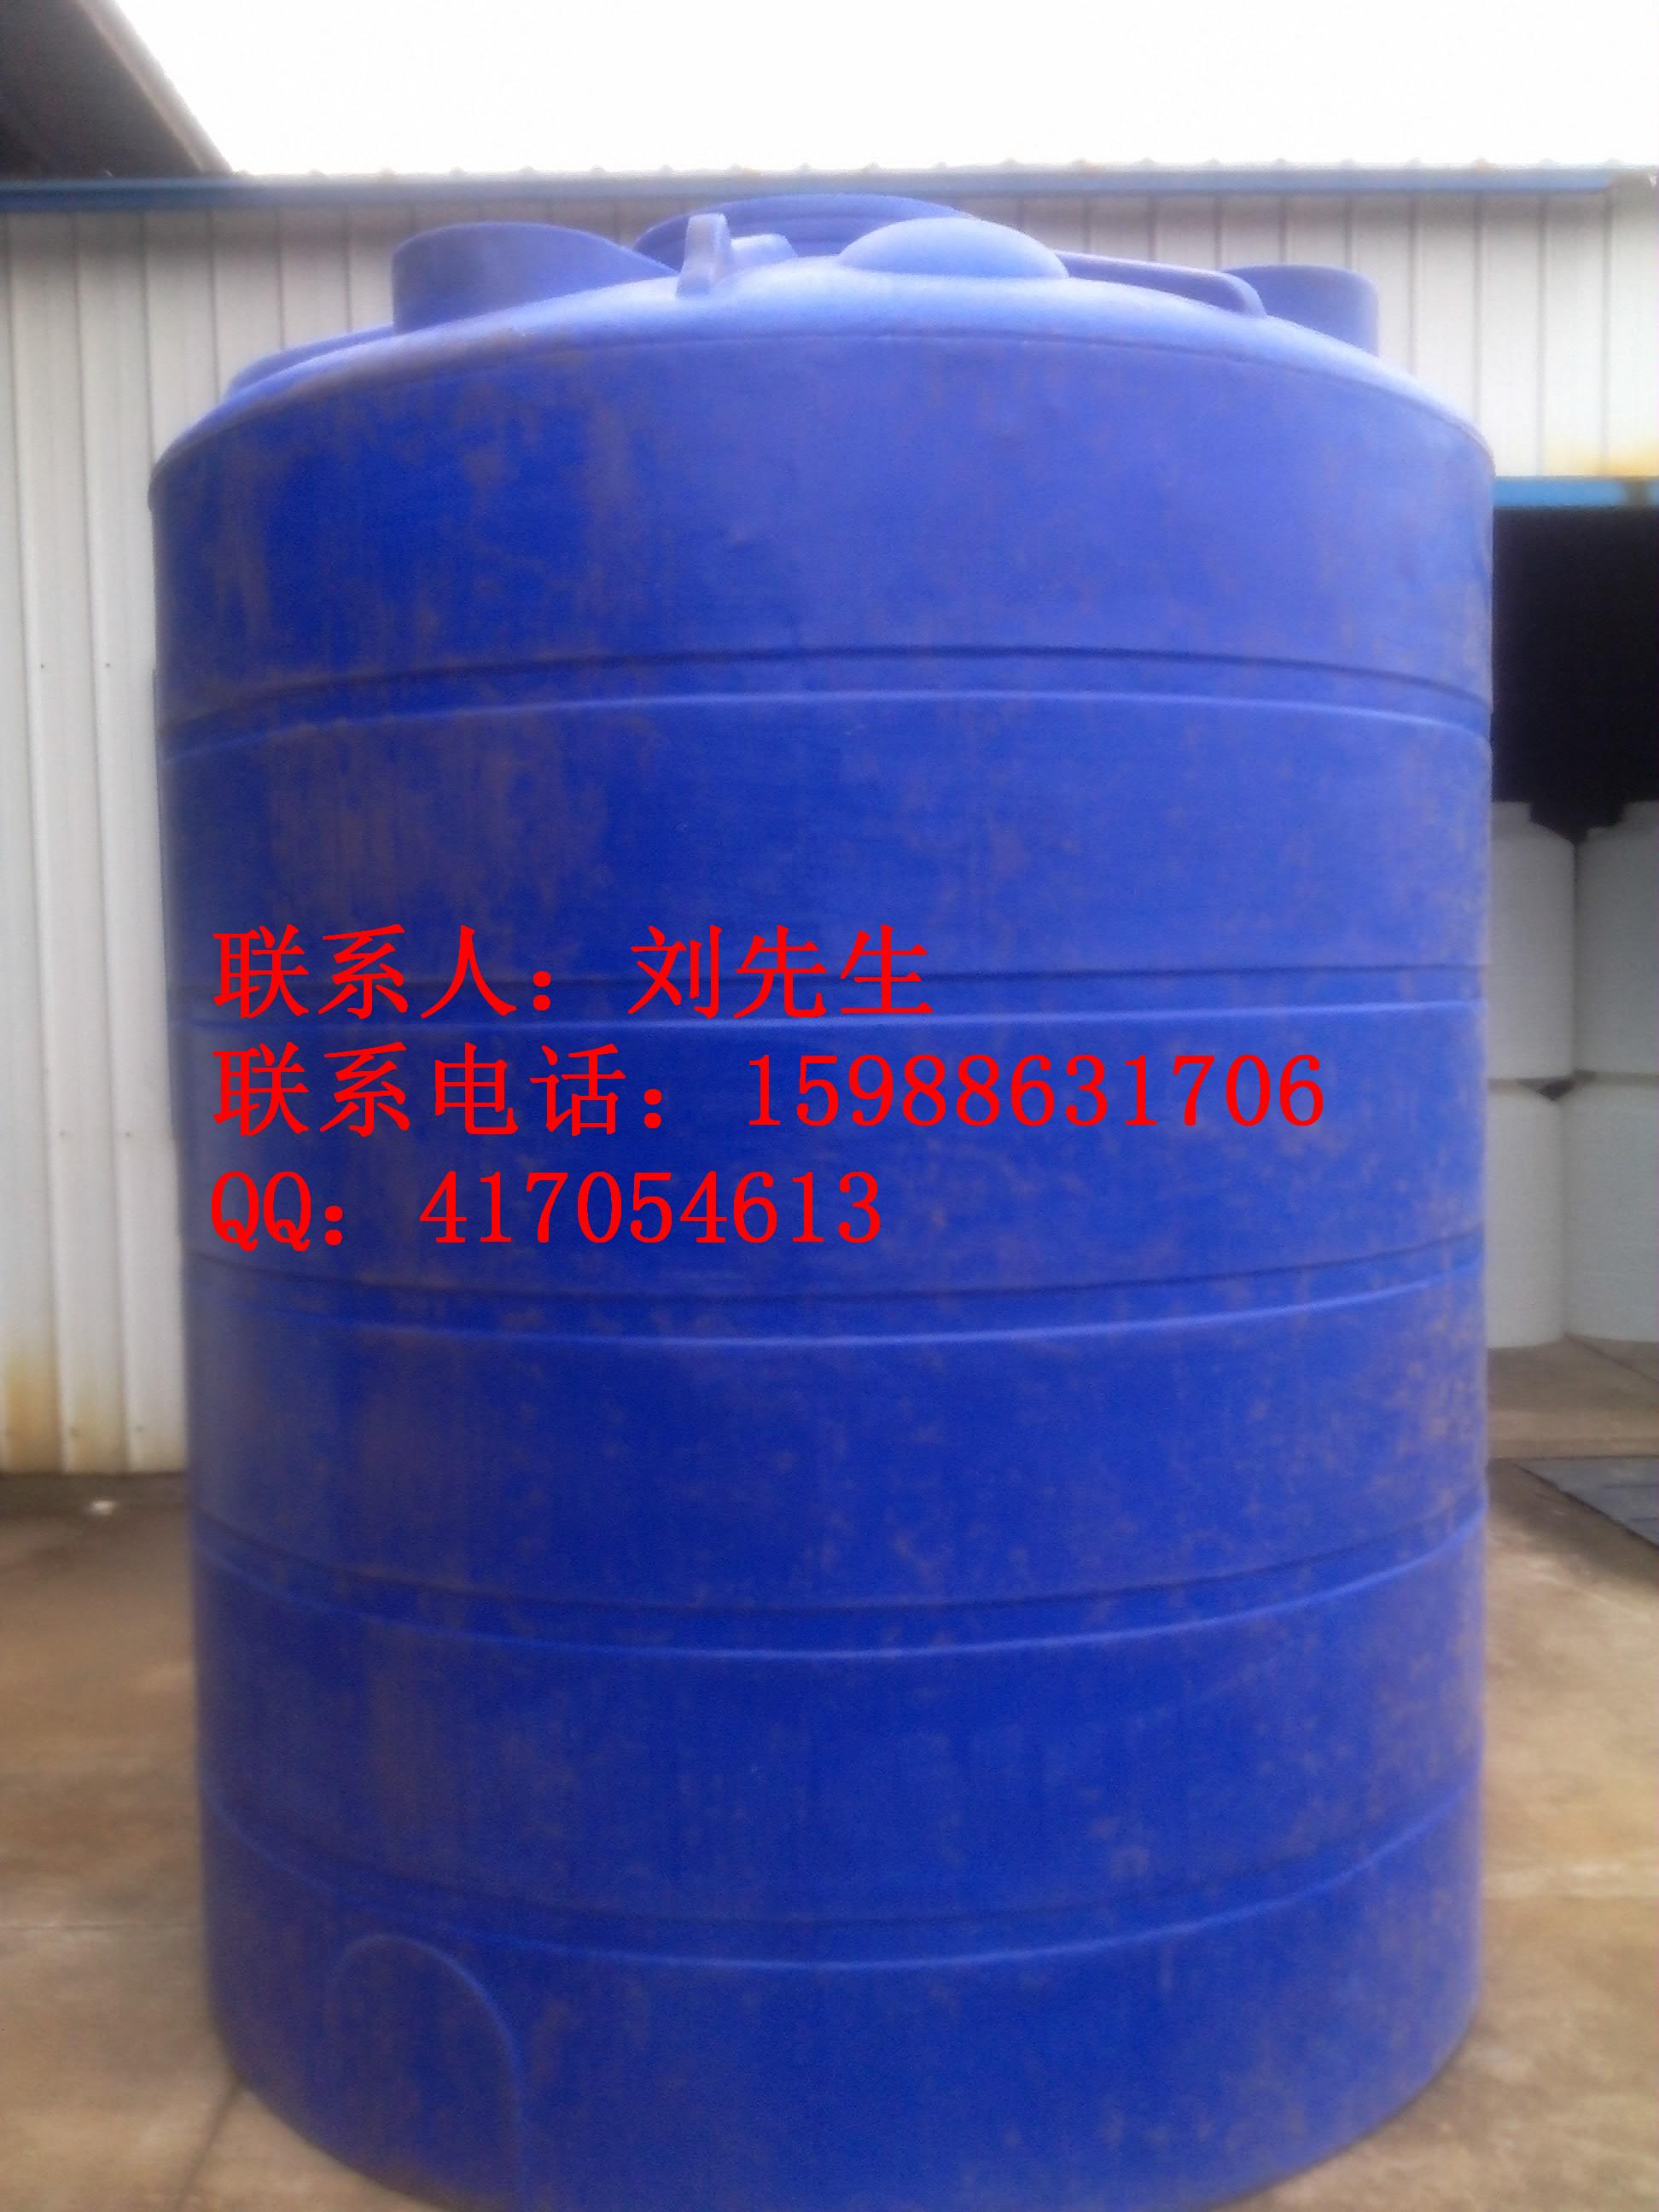 优质5吨塑料水桶最低价格是多少?